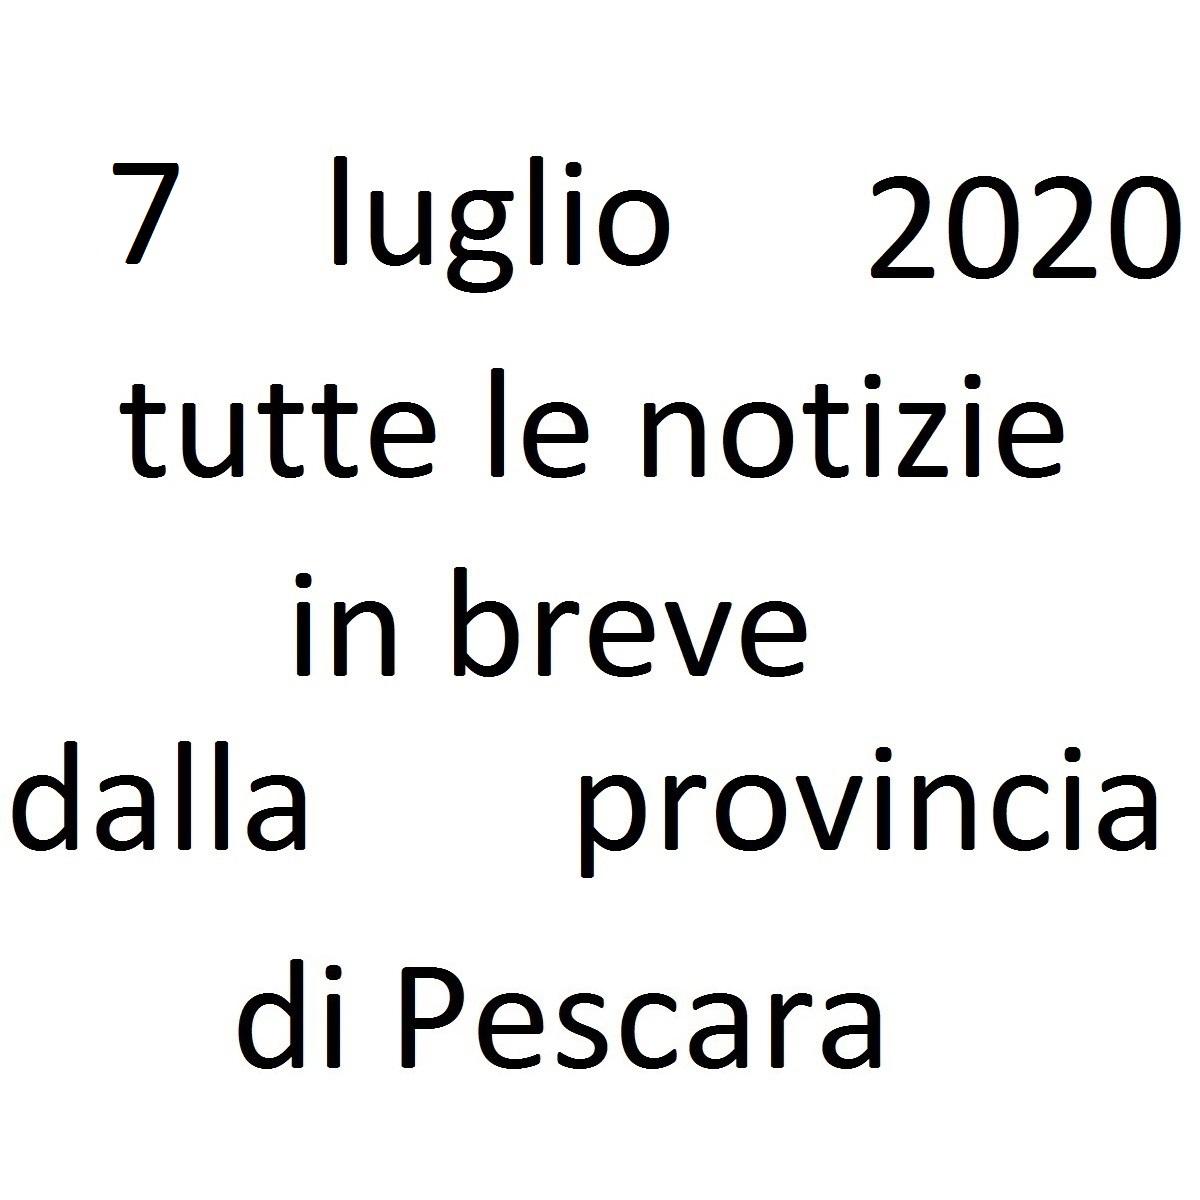 7 luglio 2020 notizie in breve dalla Provincia di Pescara foto